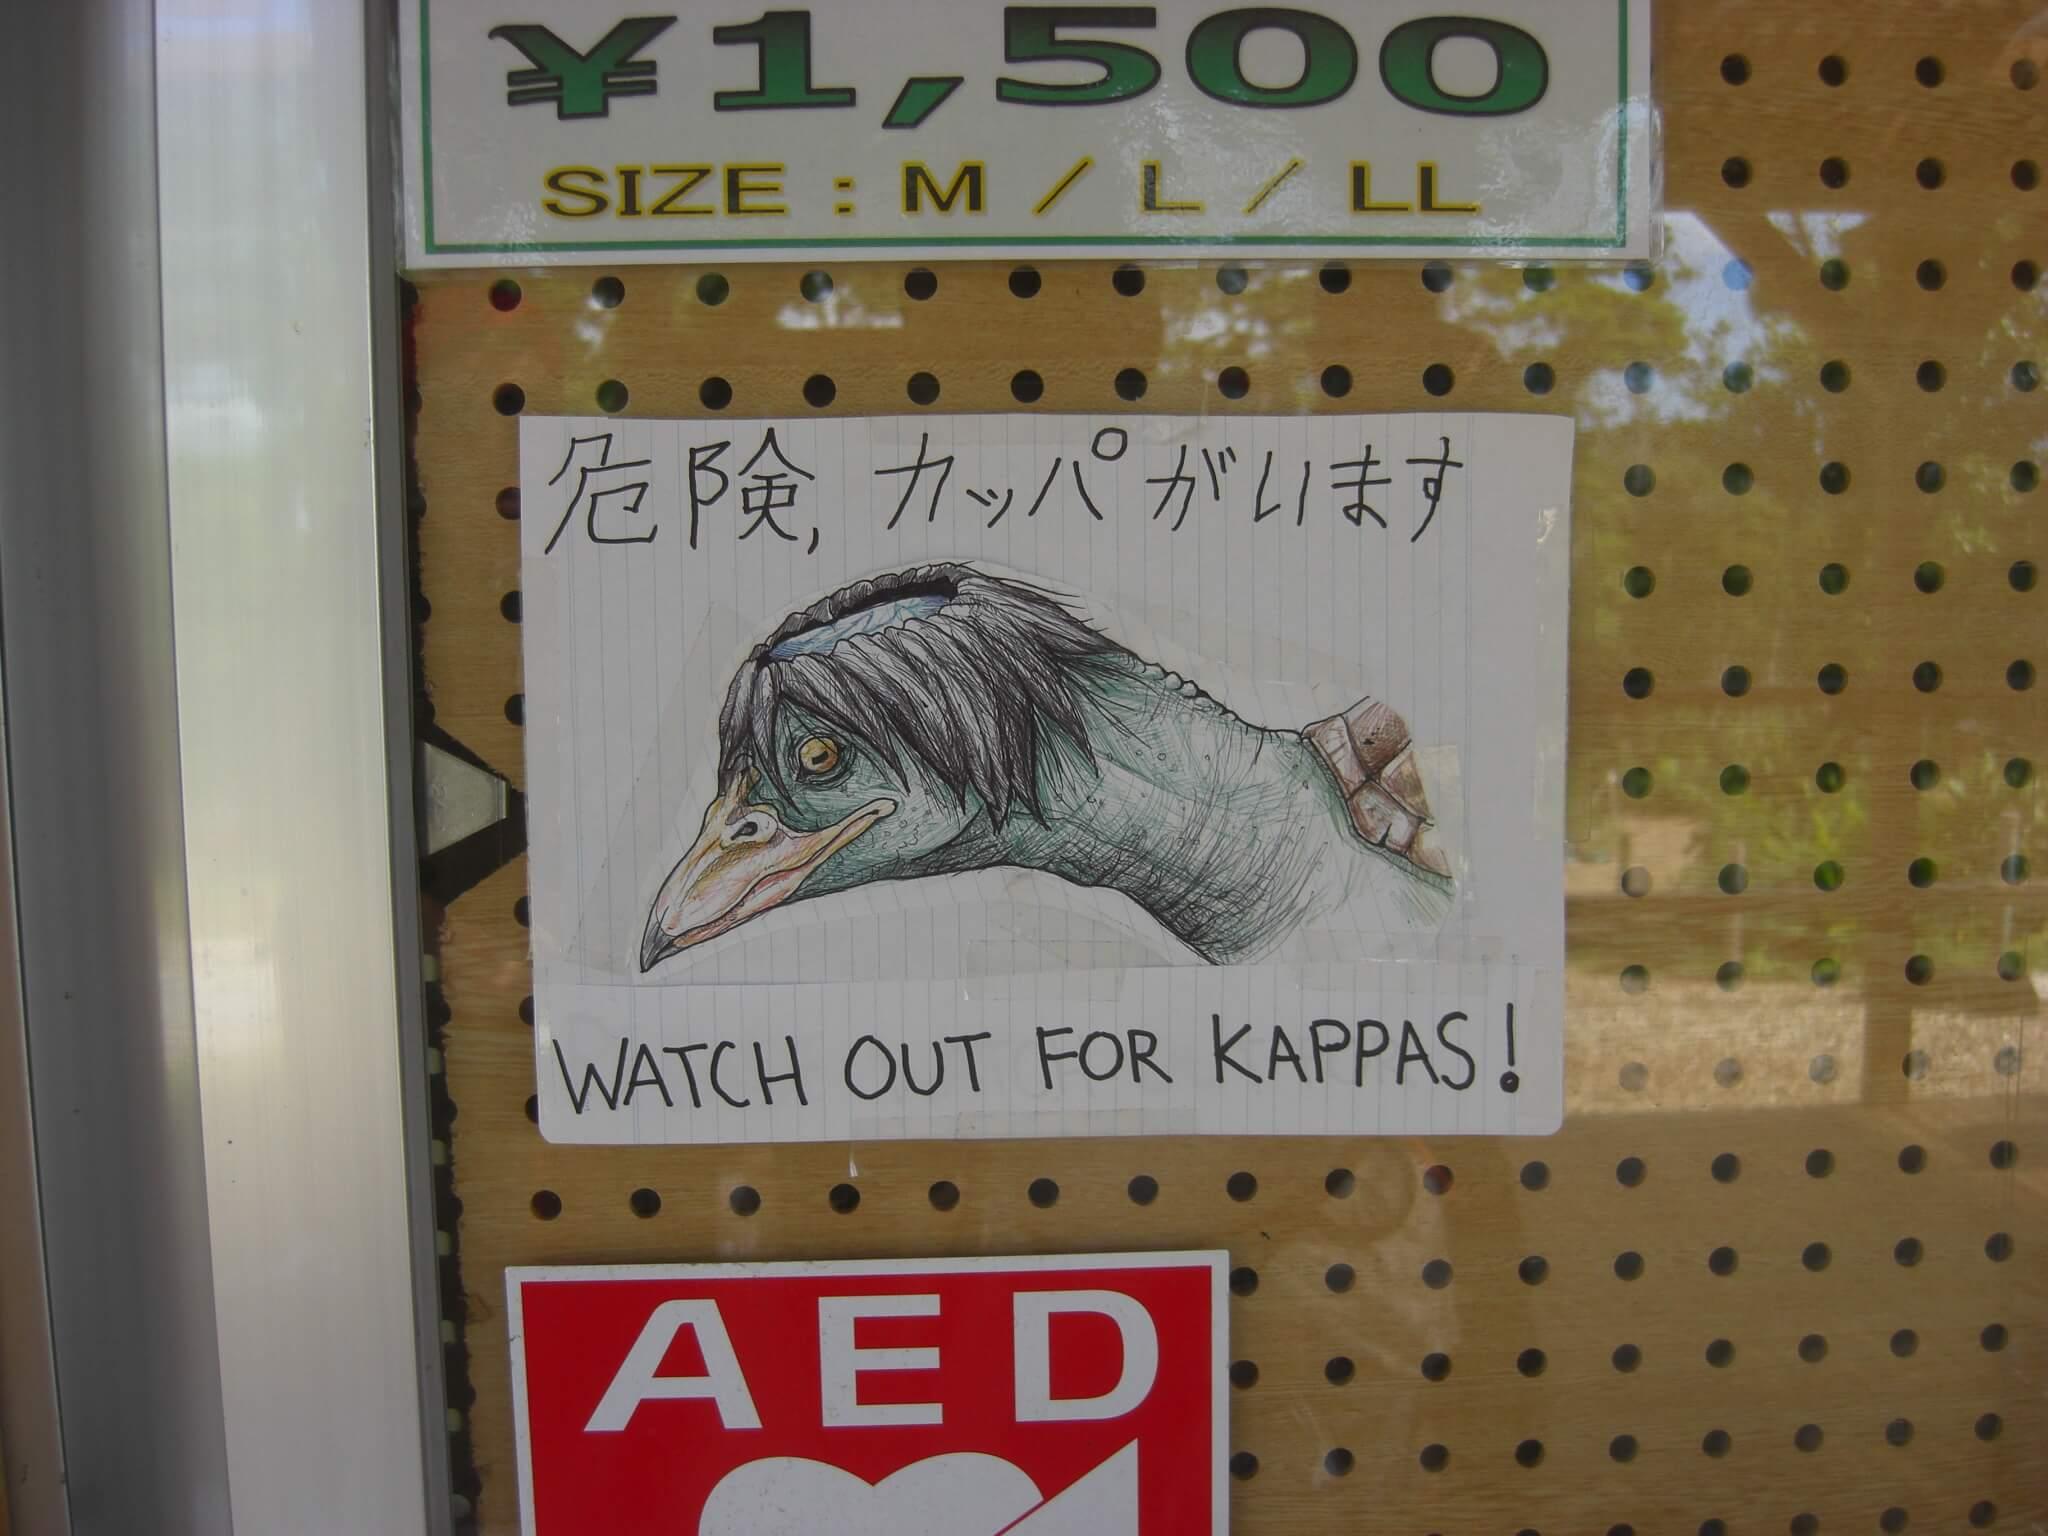 Die Warnung vor einem Kappa am Aushang